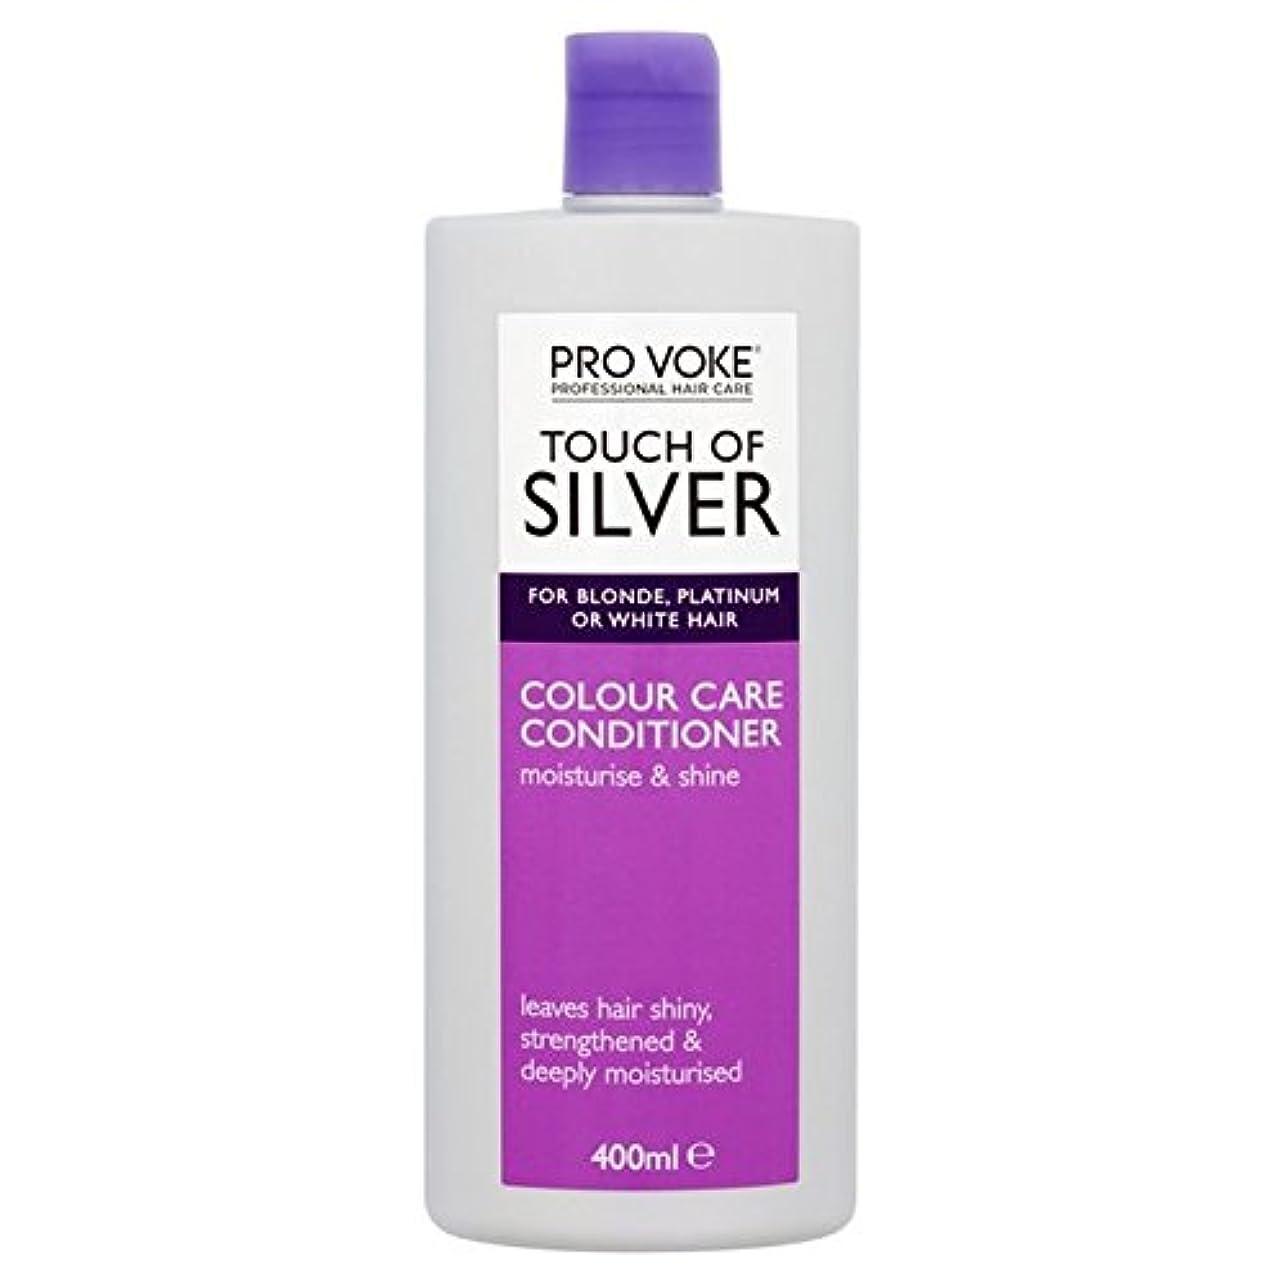 コードアームストロング通常銀毎日ナリッシュコンディショナー400ミリリットルのタッチ x2 - Touch of Silver Daily Nourish Conditioner 400ml (Pack of 2) [並行輸入品]